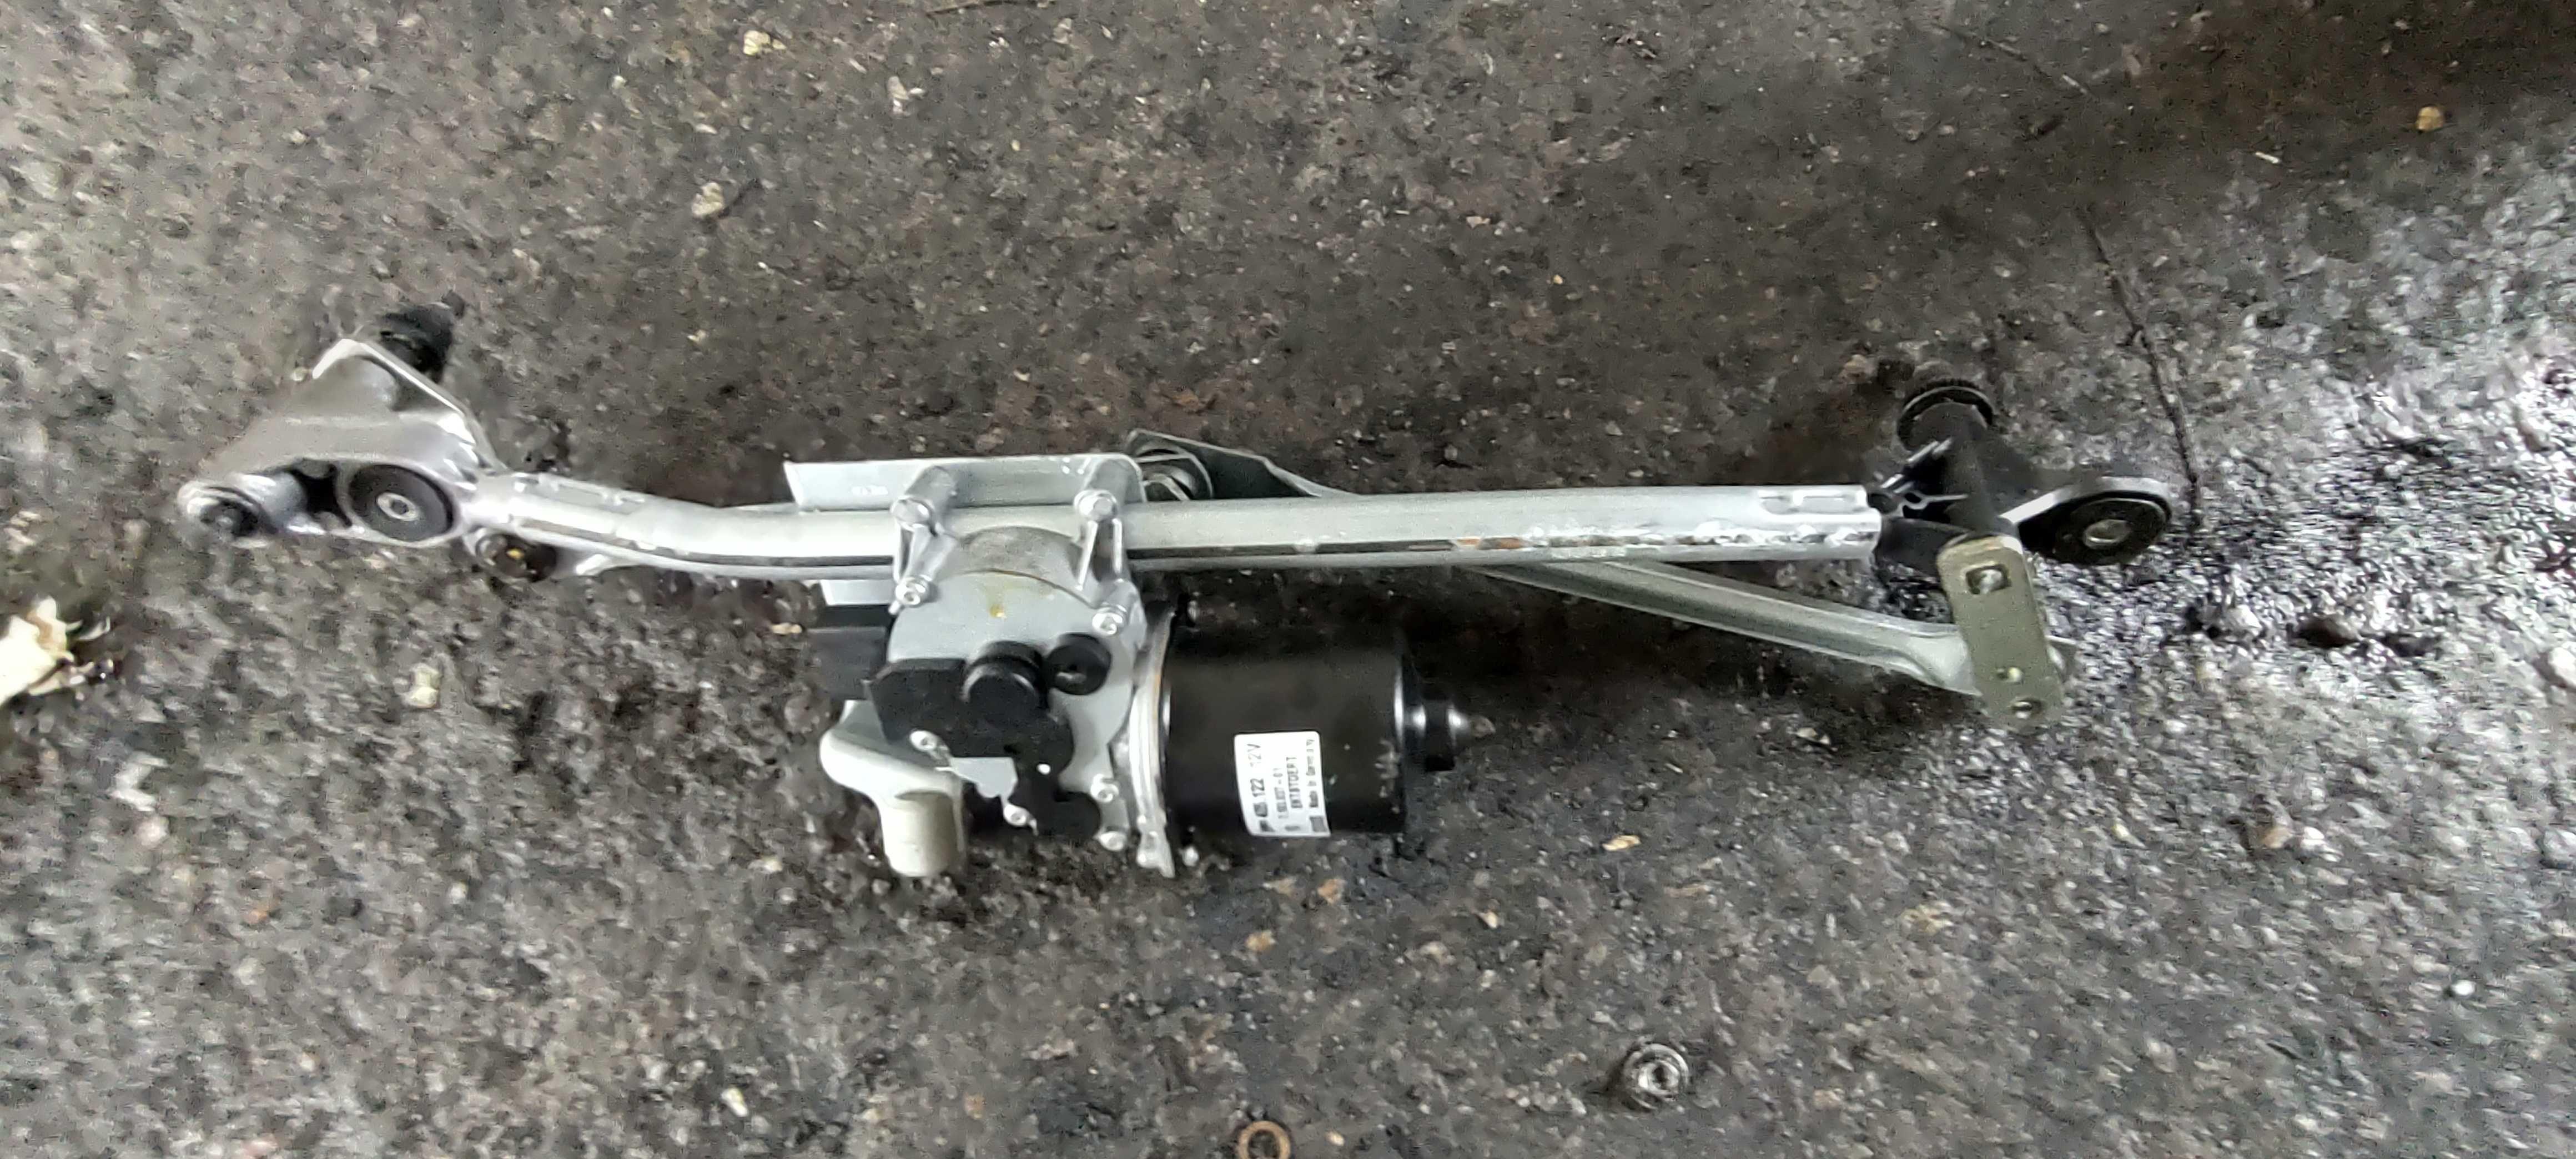 Моторче чистачки - /БМВ/BMW/- е81 123d N47D 204кс.